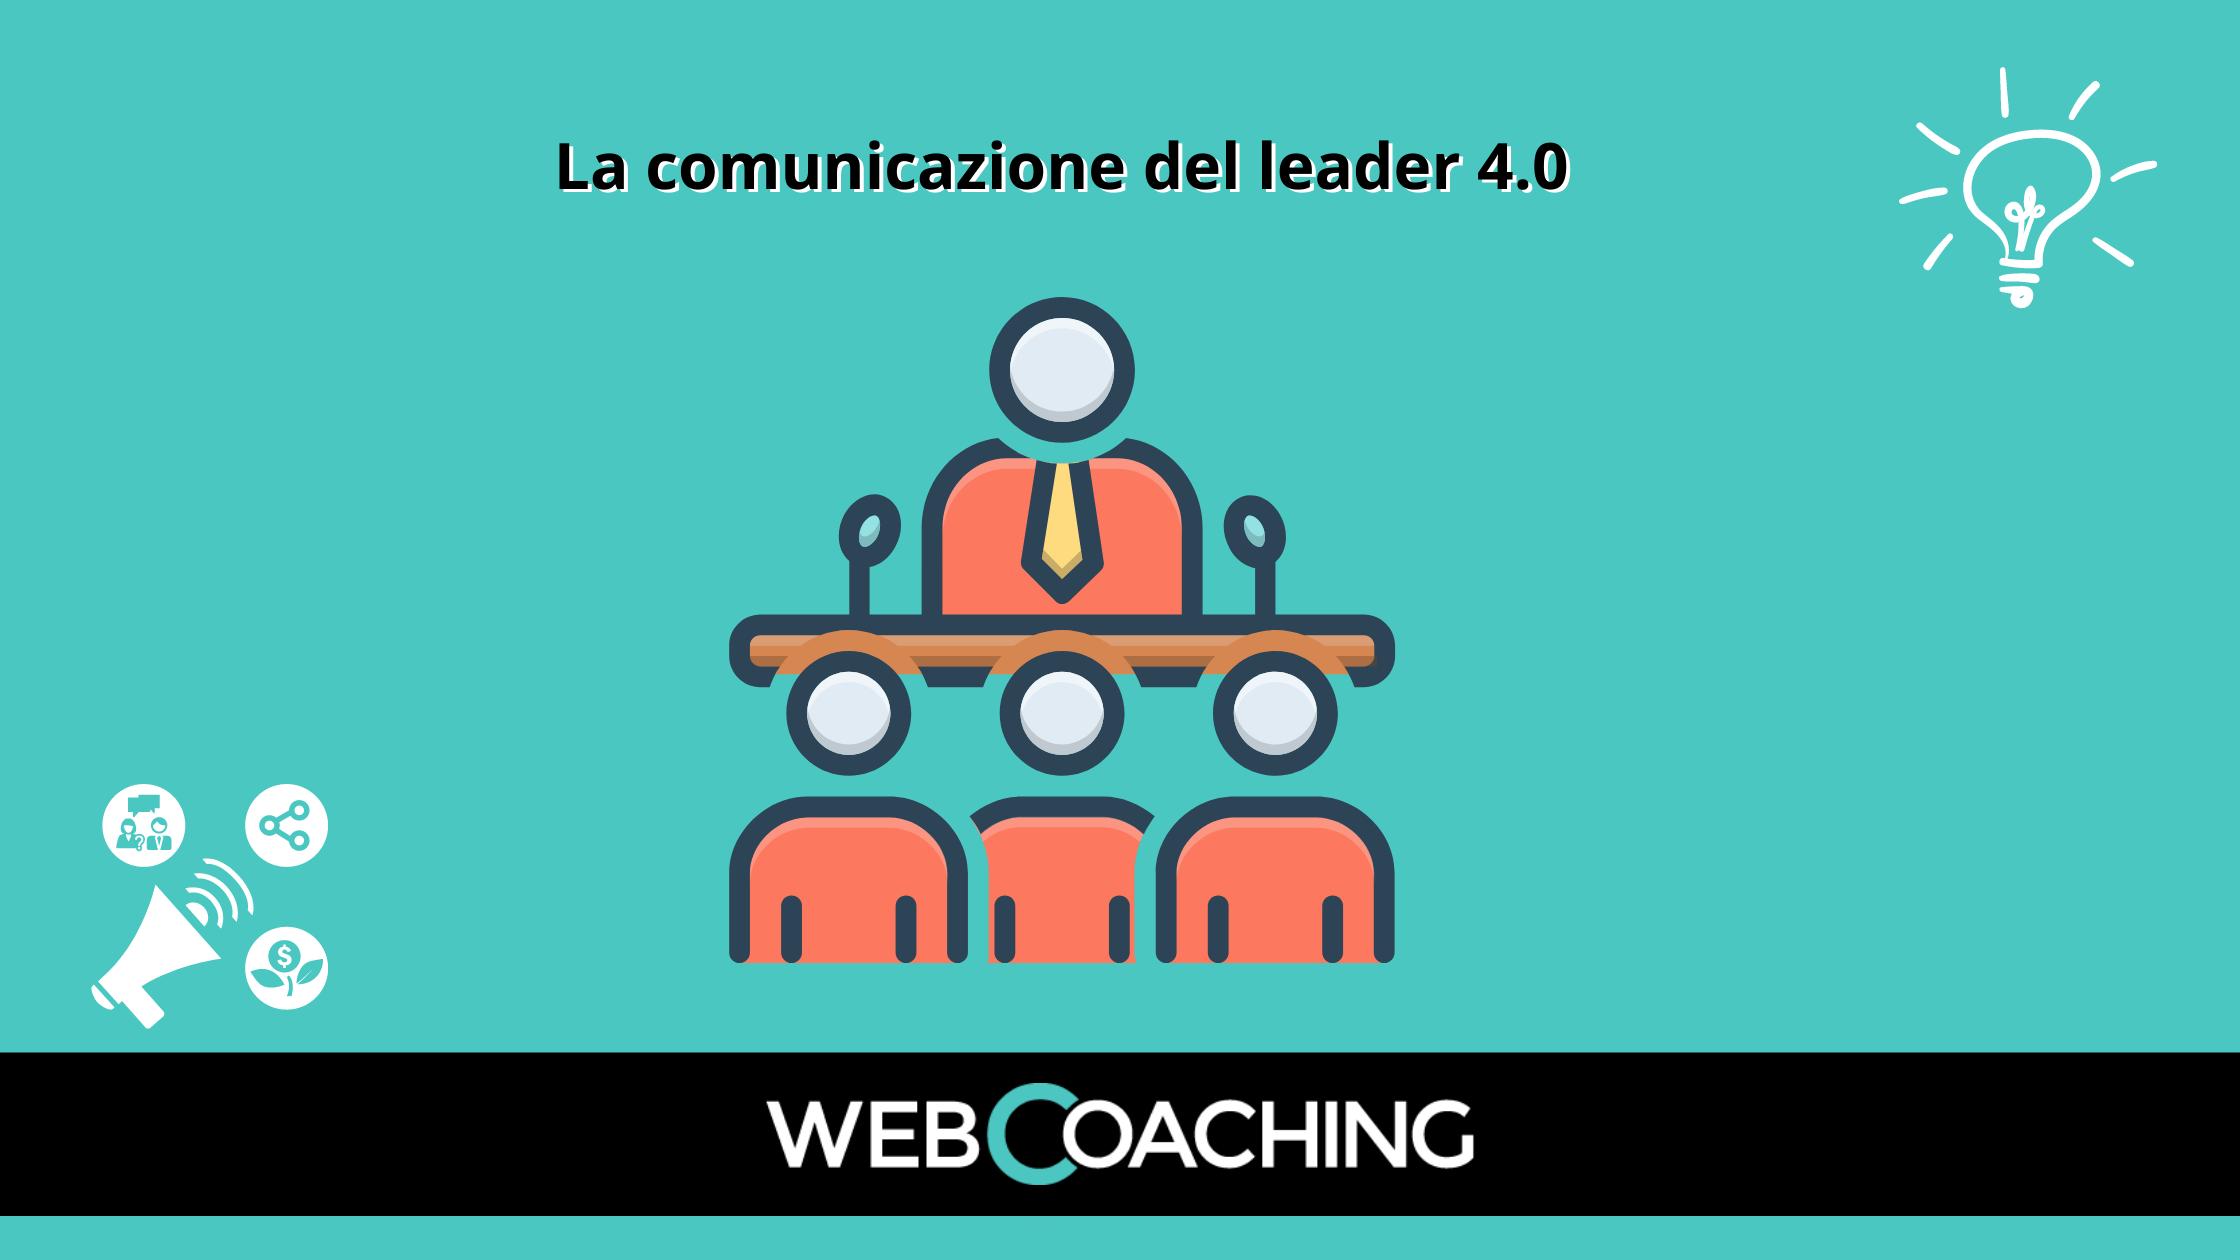 Comunicazione leader 4.0